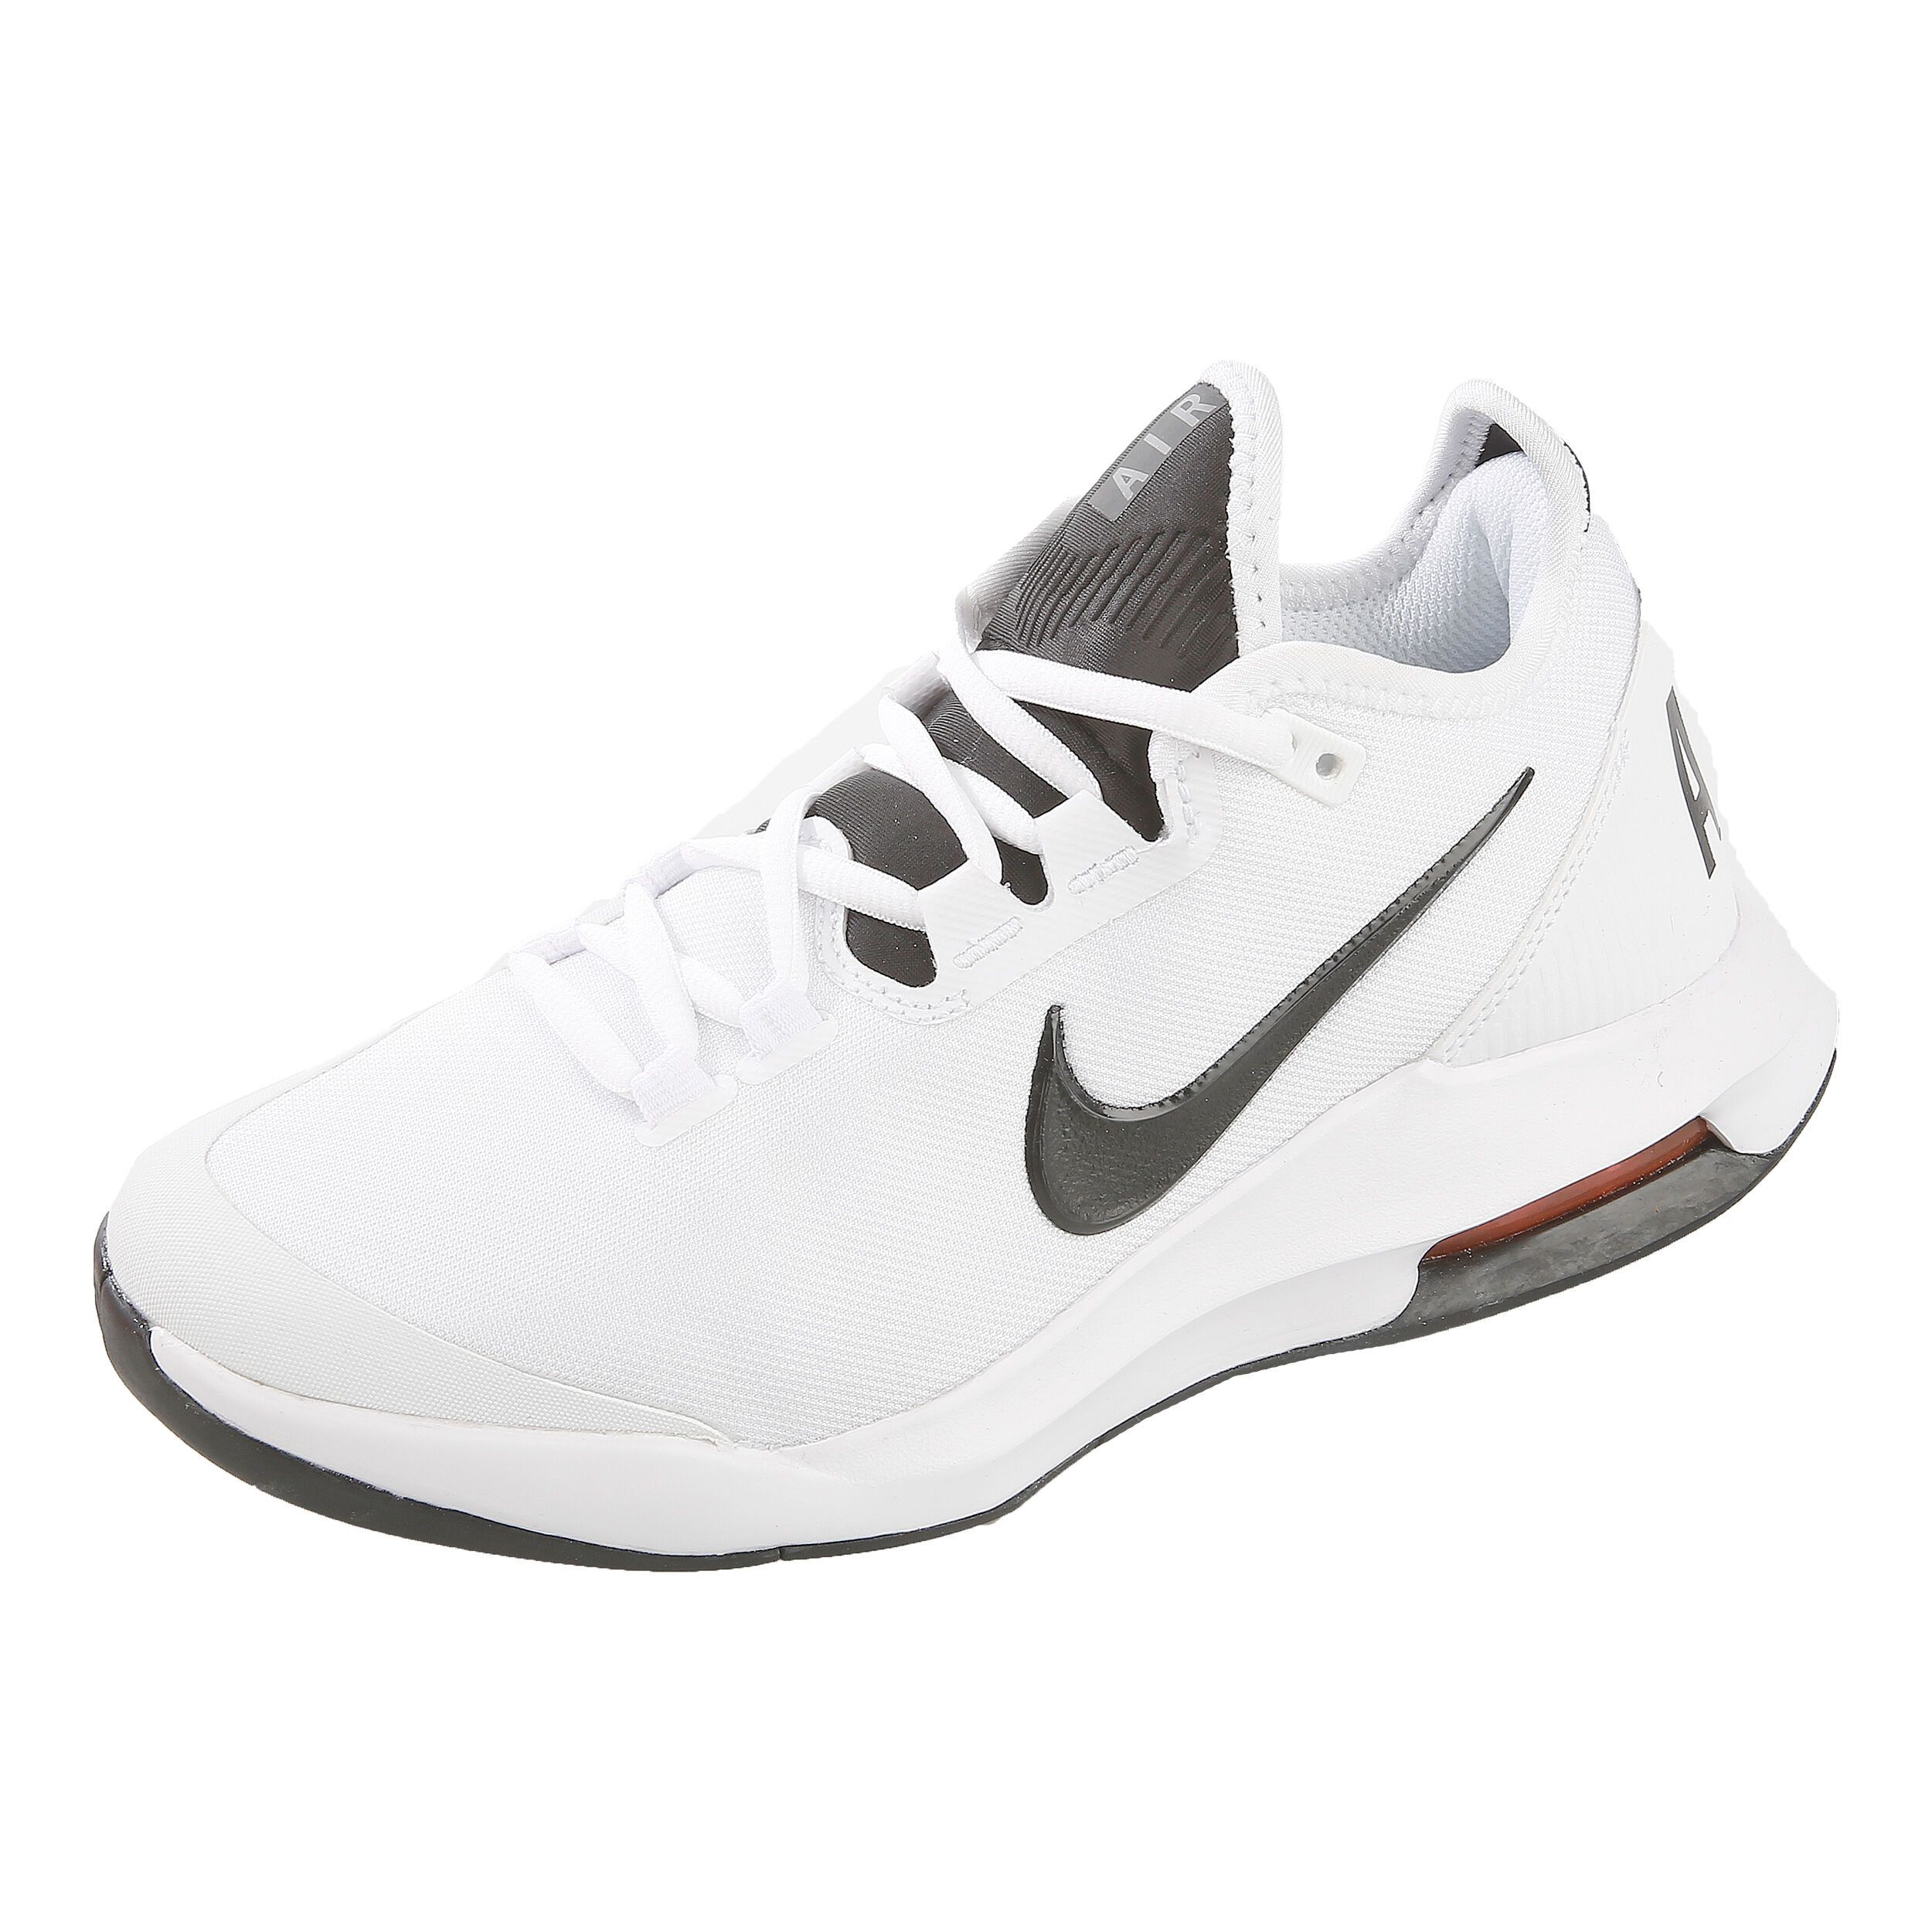 Nike Air Max Wildcard HC, Chaussures de Tennis Homme